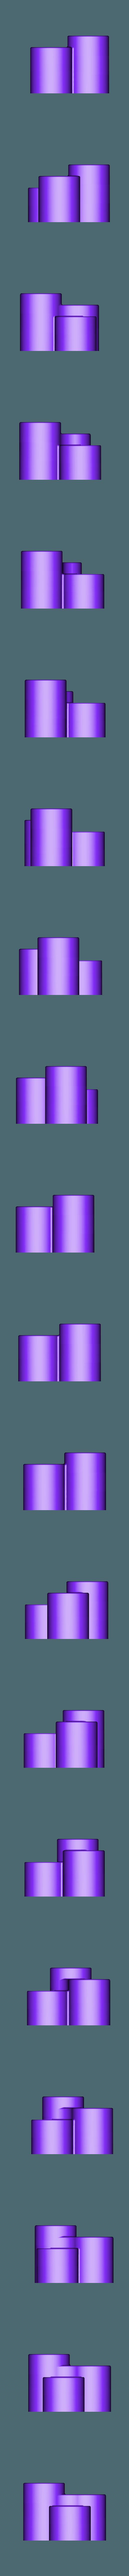 cactus-potx3_ver3.stl Télécharger fichier STL gratuit Pot à cactus x3 • Design pour impression 3D, bifrost76